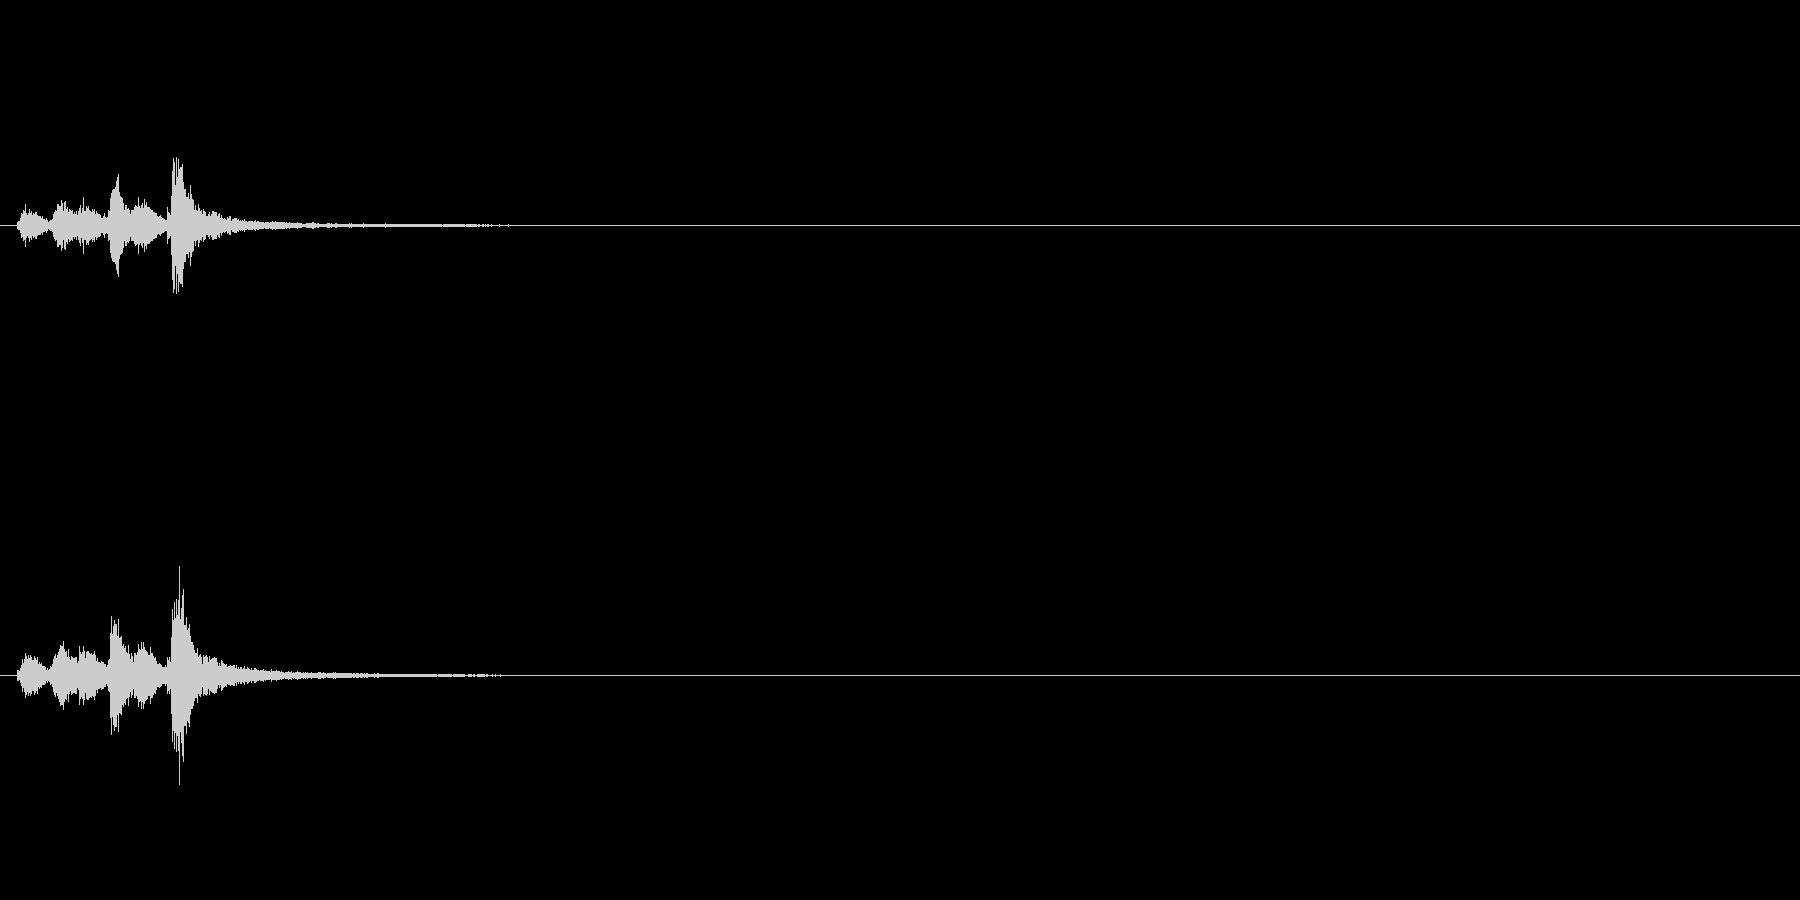 音侍「チャッパ」和製シンバルの単発音3の未再生の波形